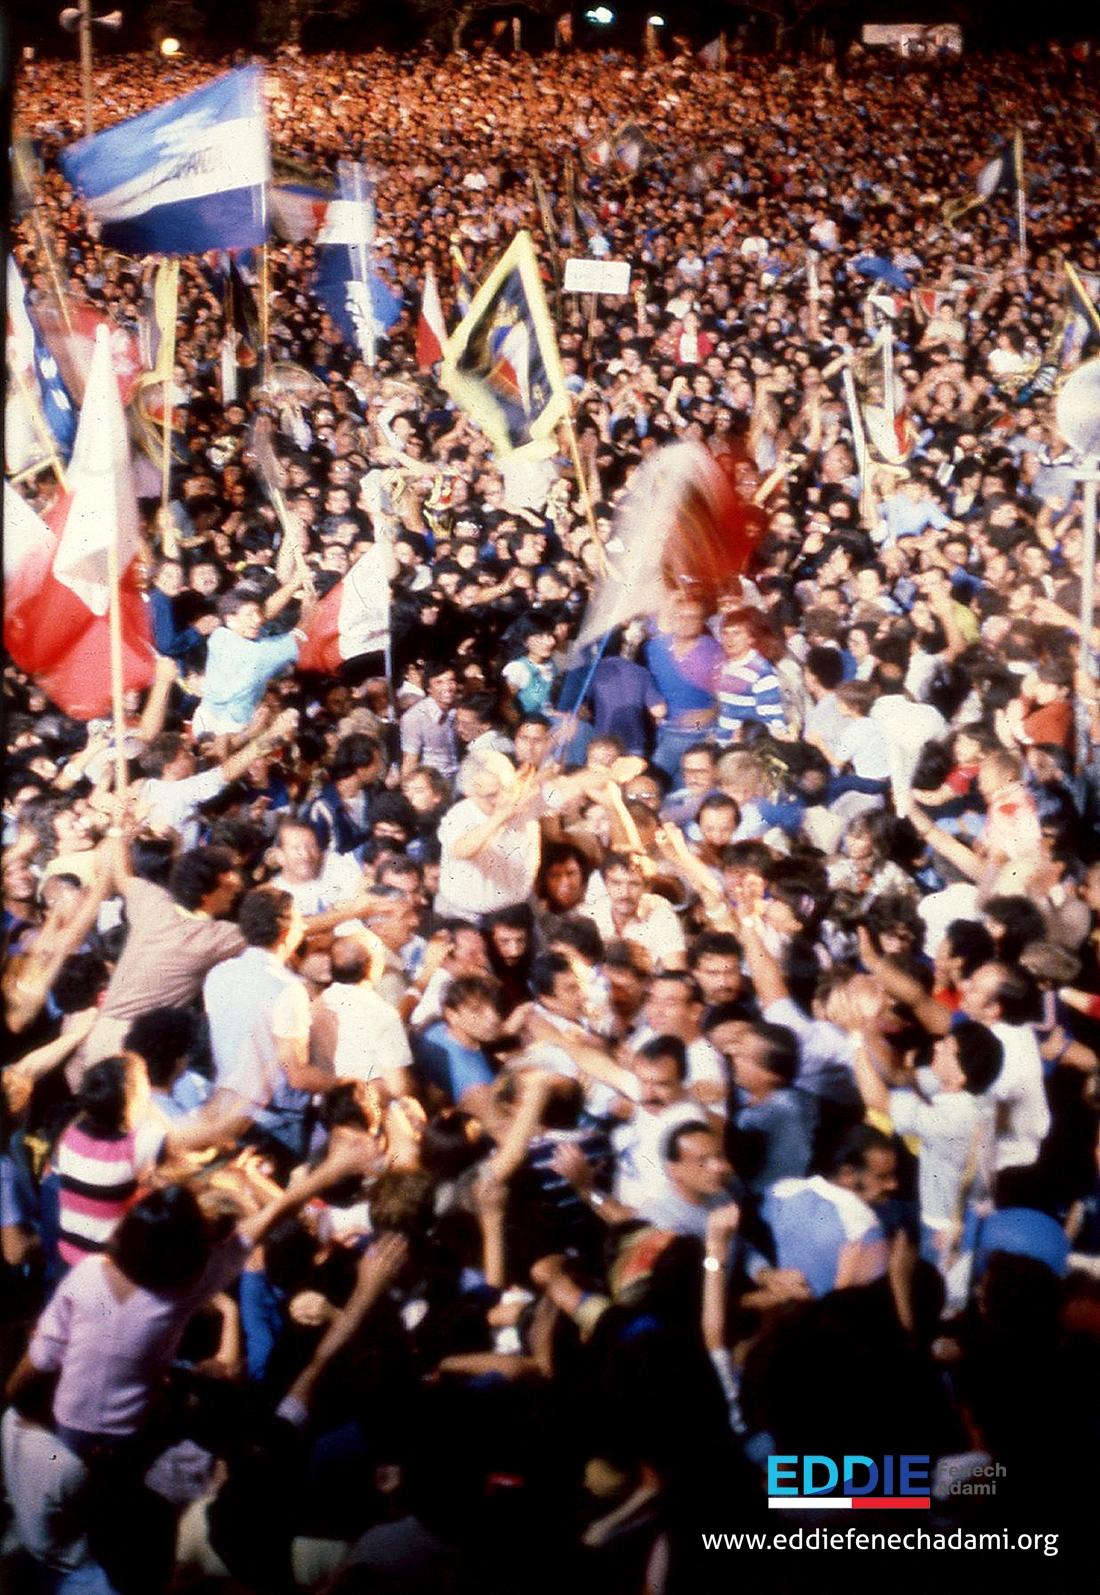 www.eddiefenechadami.org0041